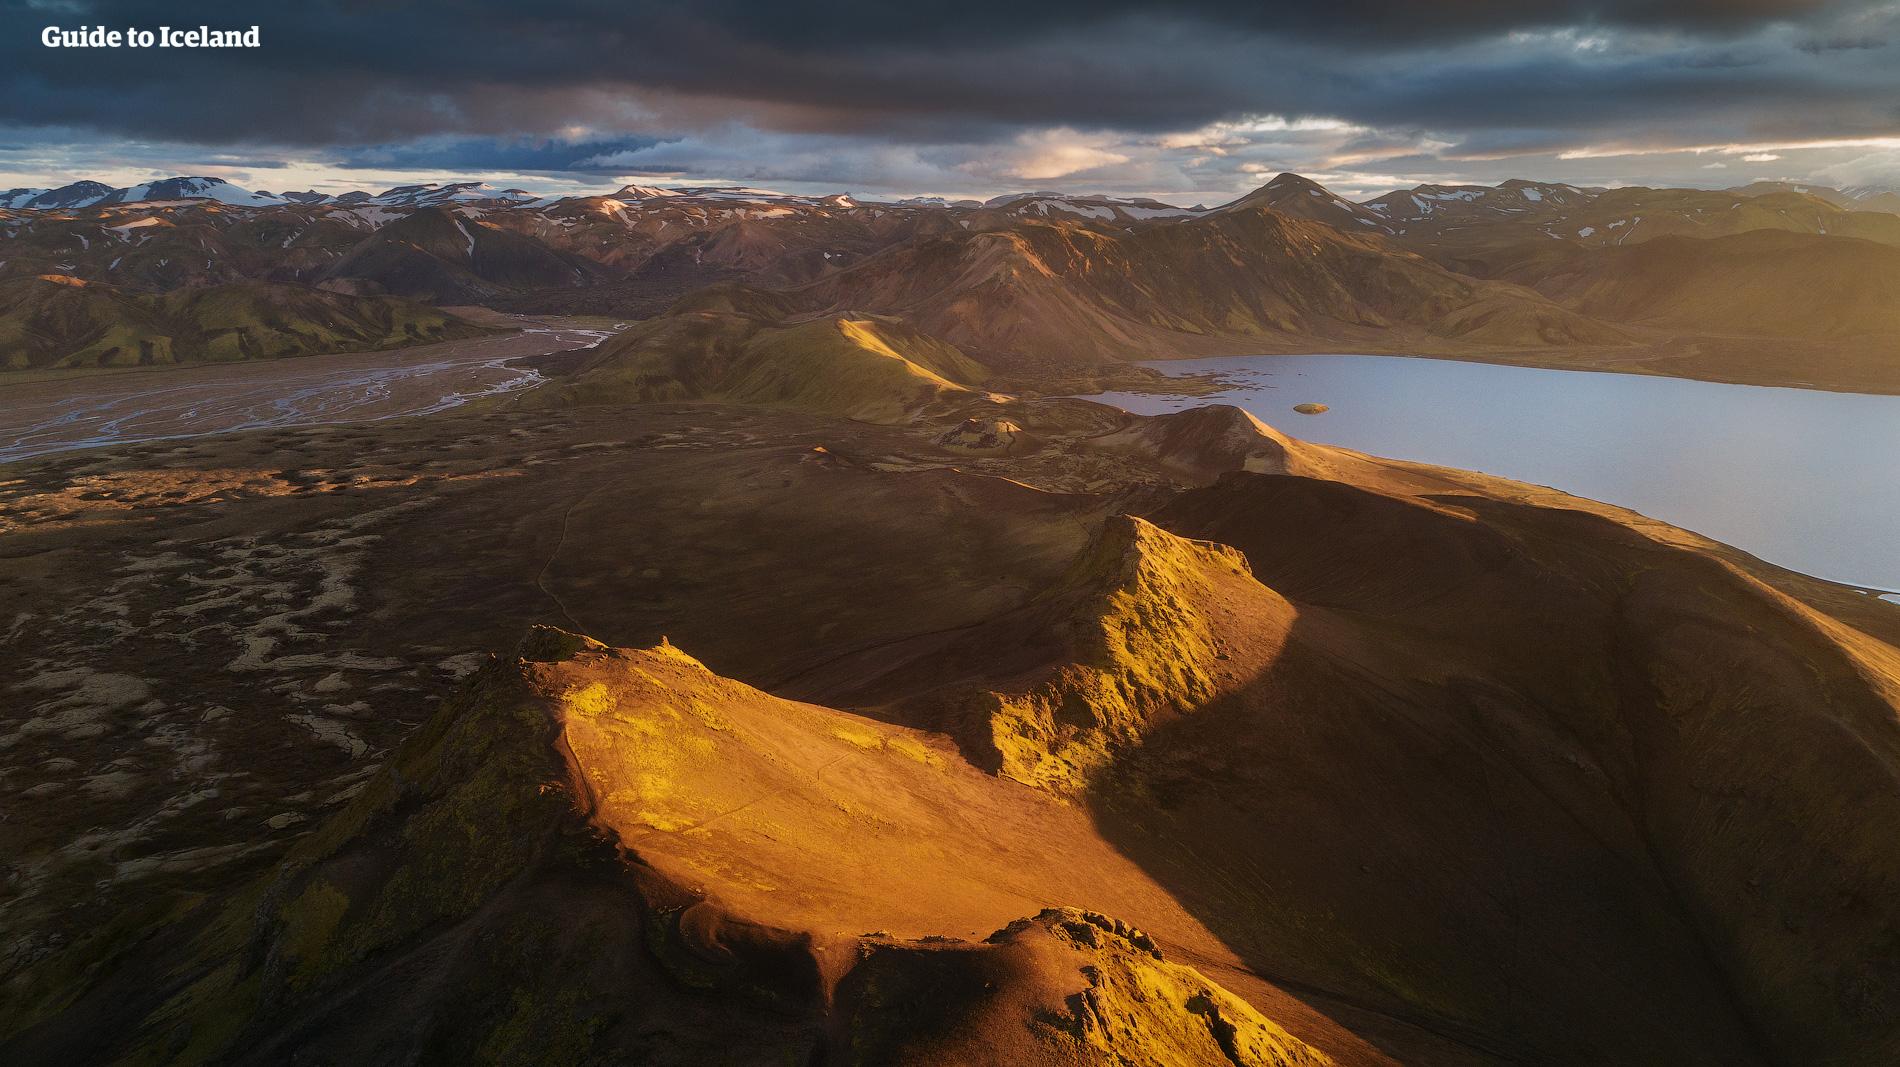 Pełna przygód 7-dniowa, samodzielna wycieczka po Islandii wraz z interiorem - day 3